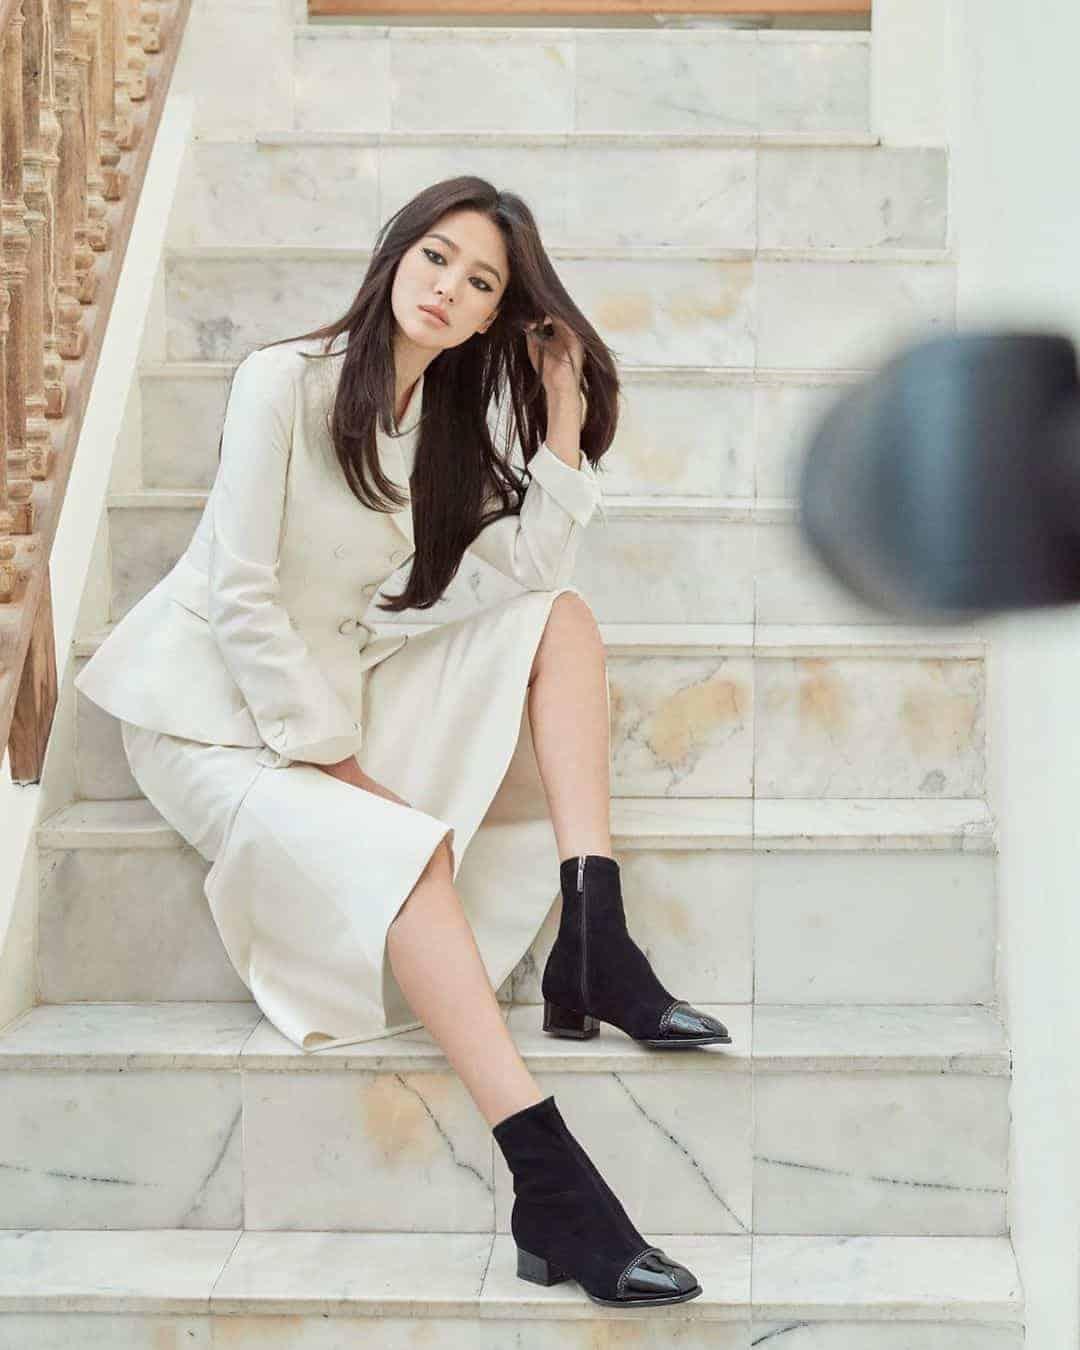 송혜교 인스타그램 © 갓잇코리아